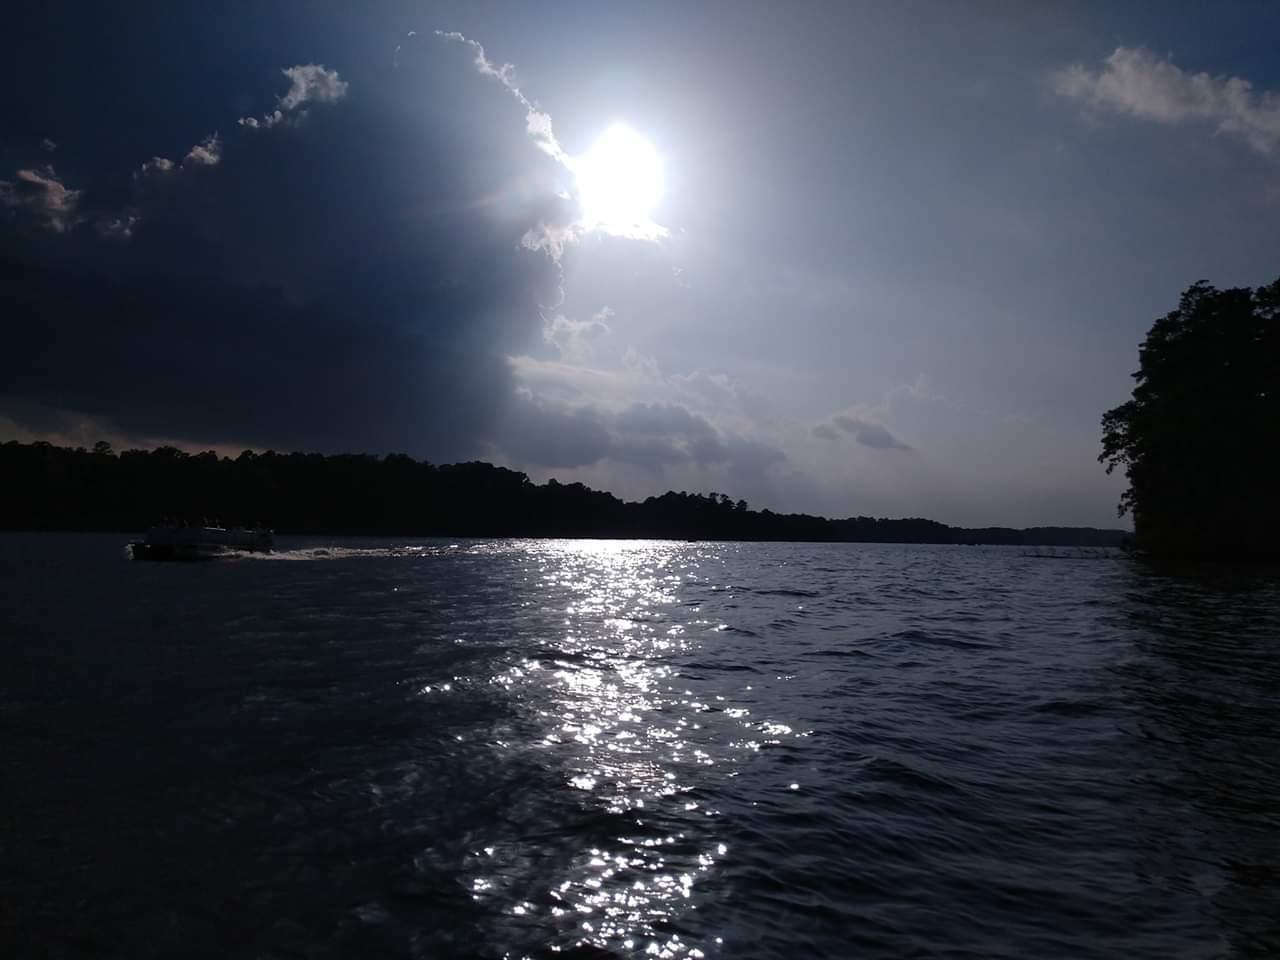 sunset-navy-Patty-Jo-Redlinger-Sanchez